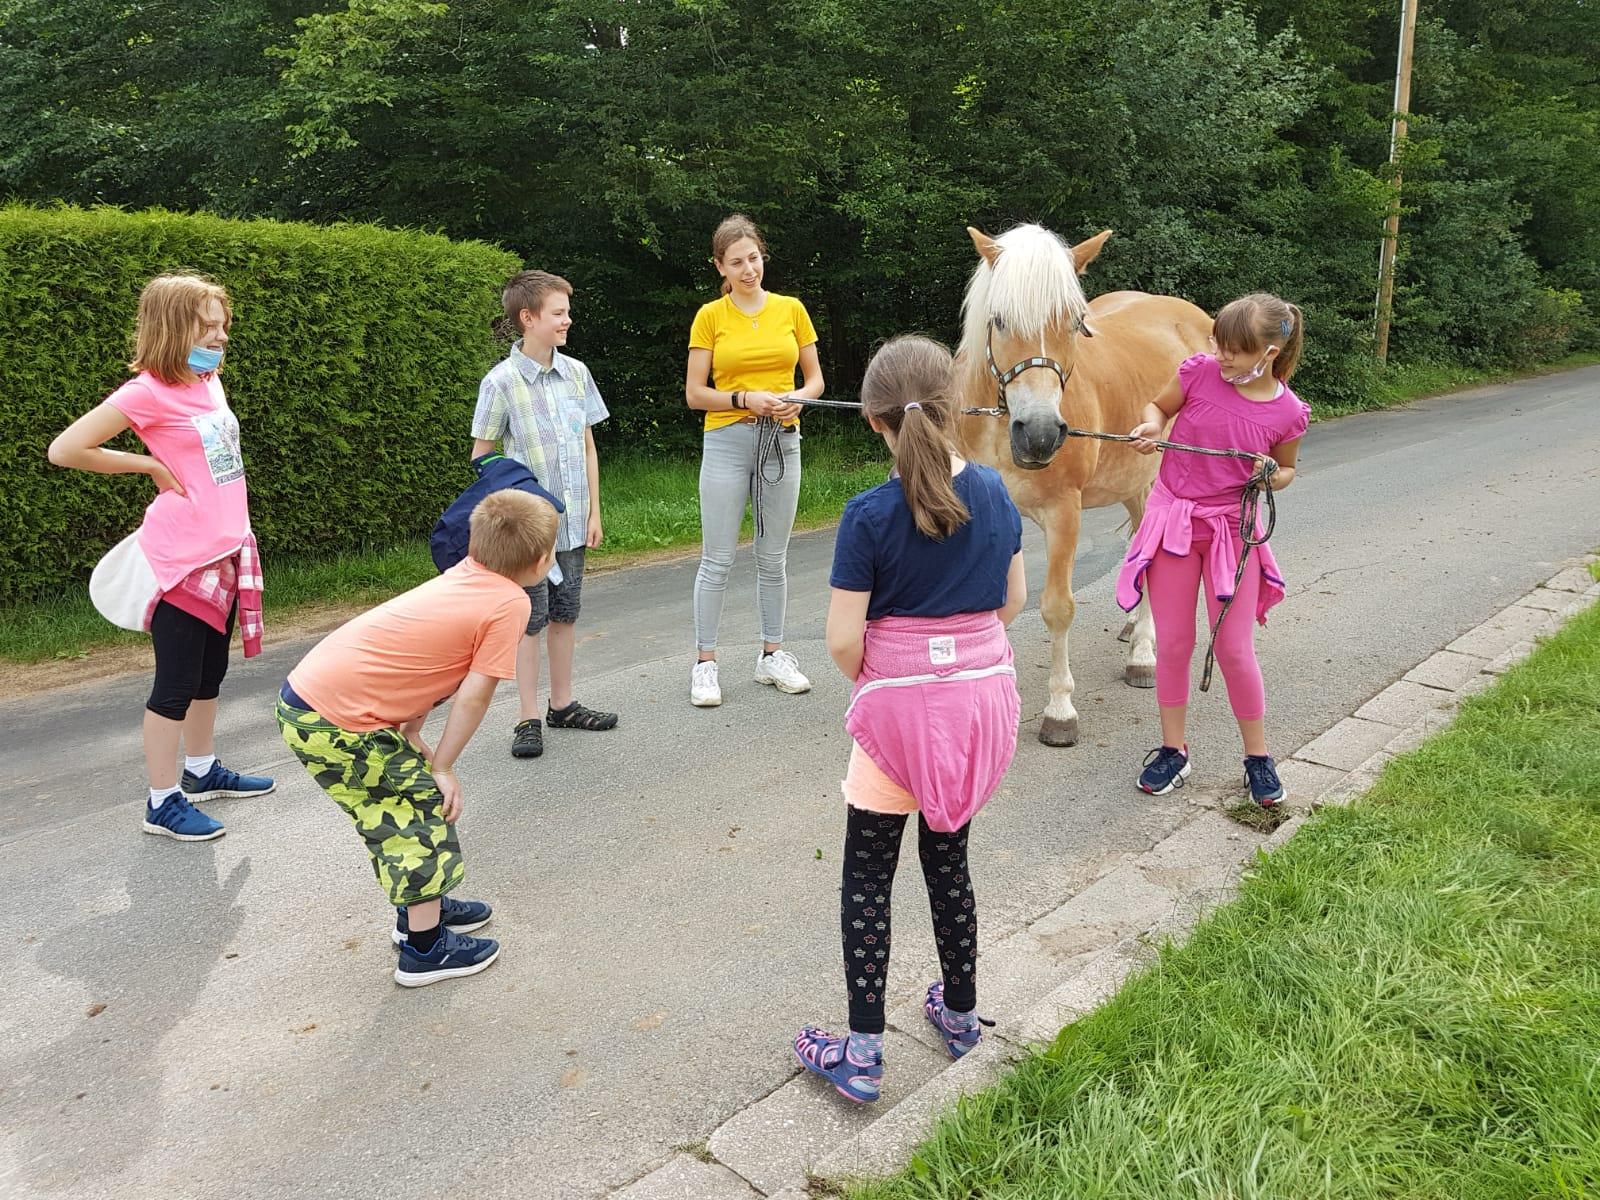 Tolle Aktion mit viel Eigeninitiative: Fsjlerin stellt hier den Kindern ihr Pferd vor.